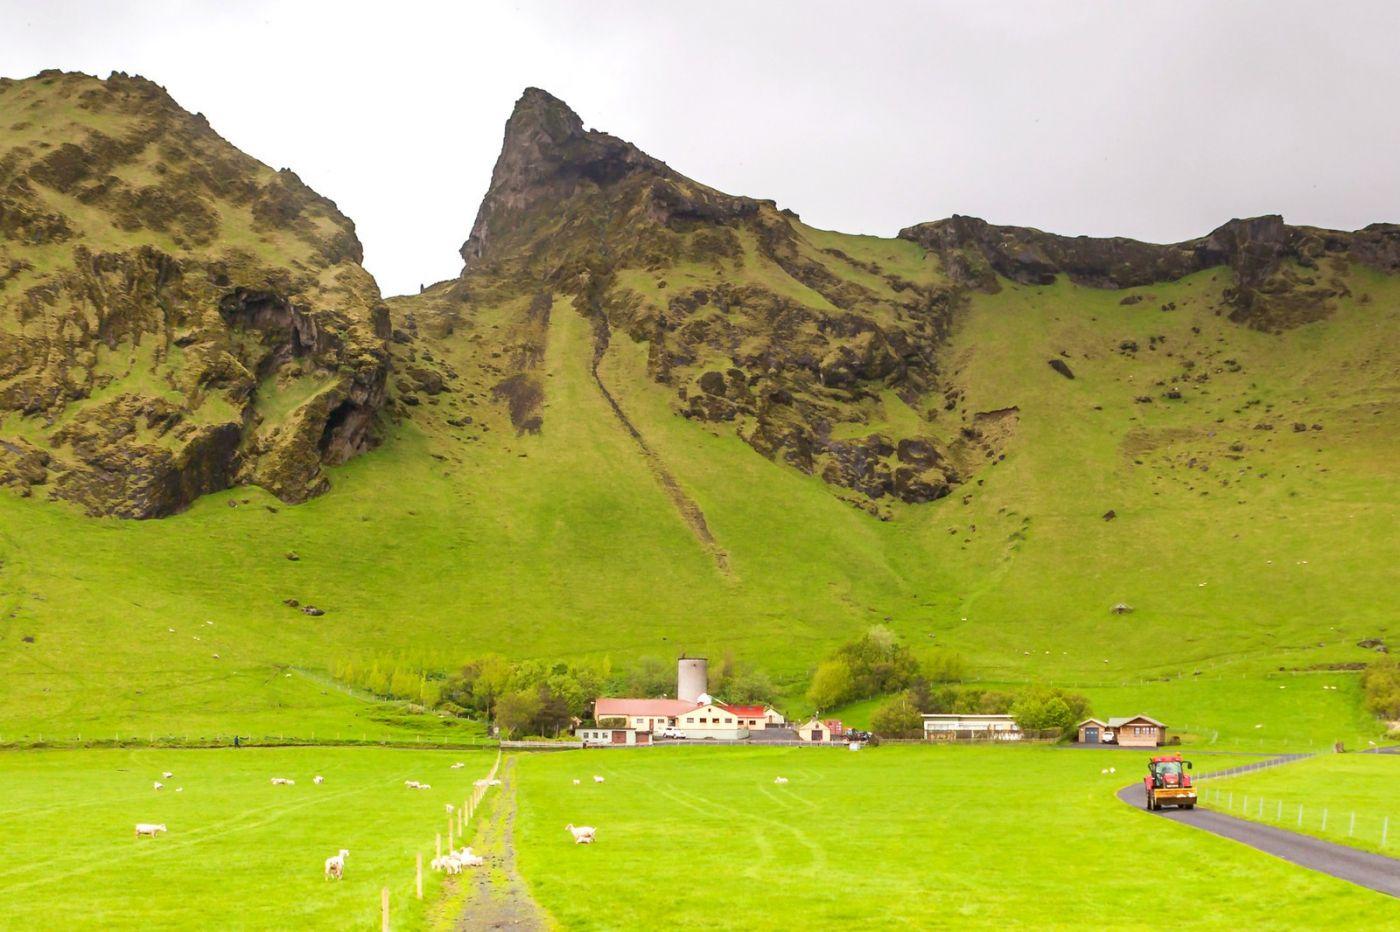 冰岛风采,奇山怪石_图1-7